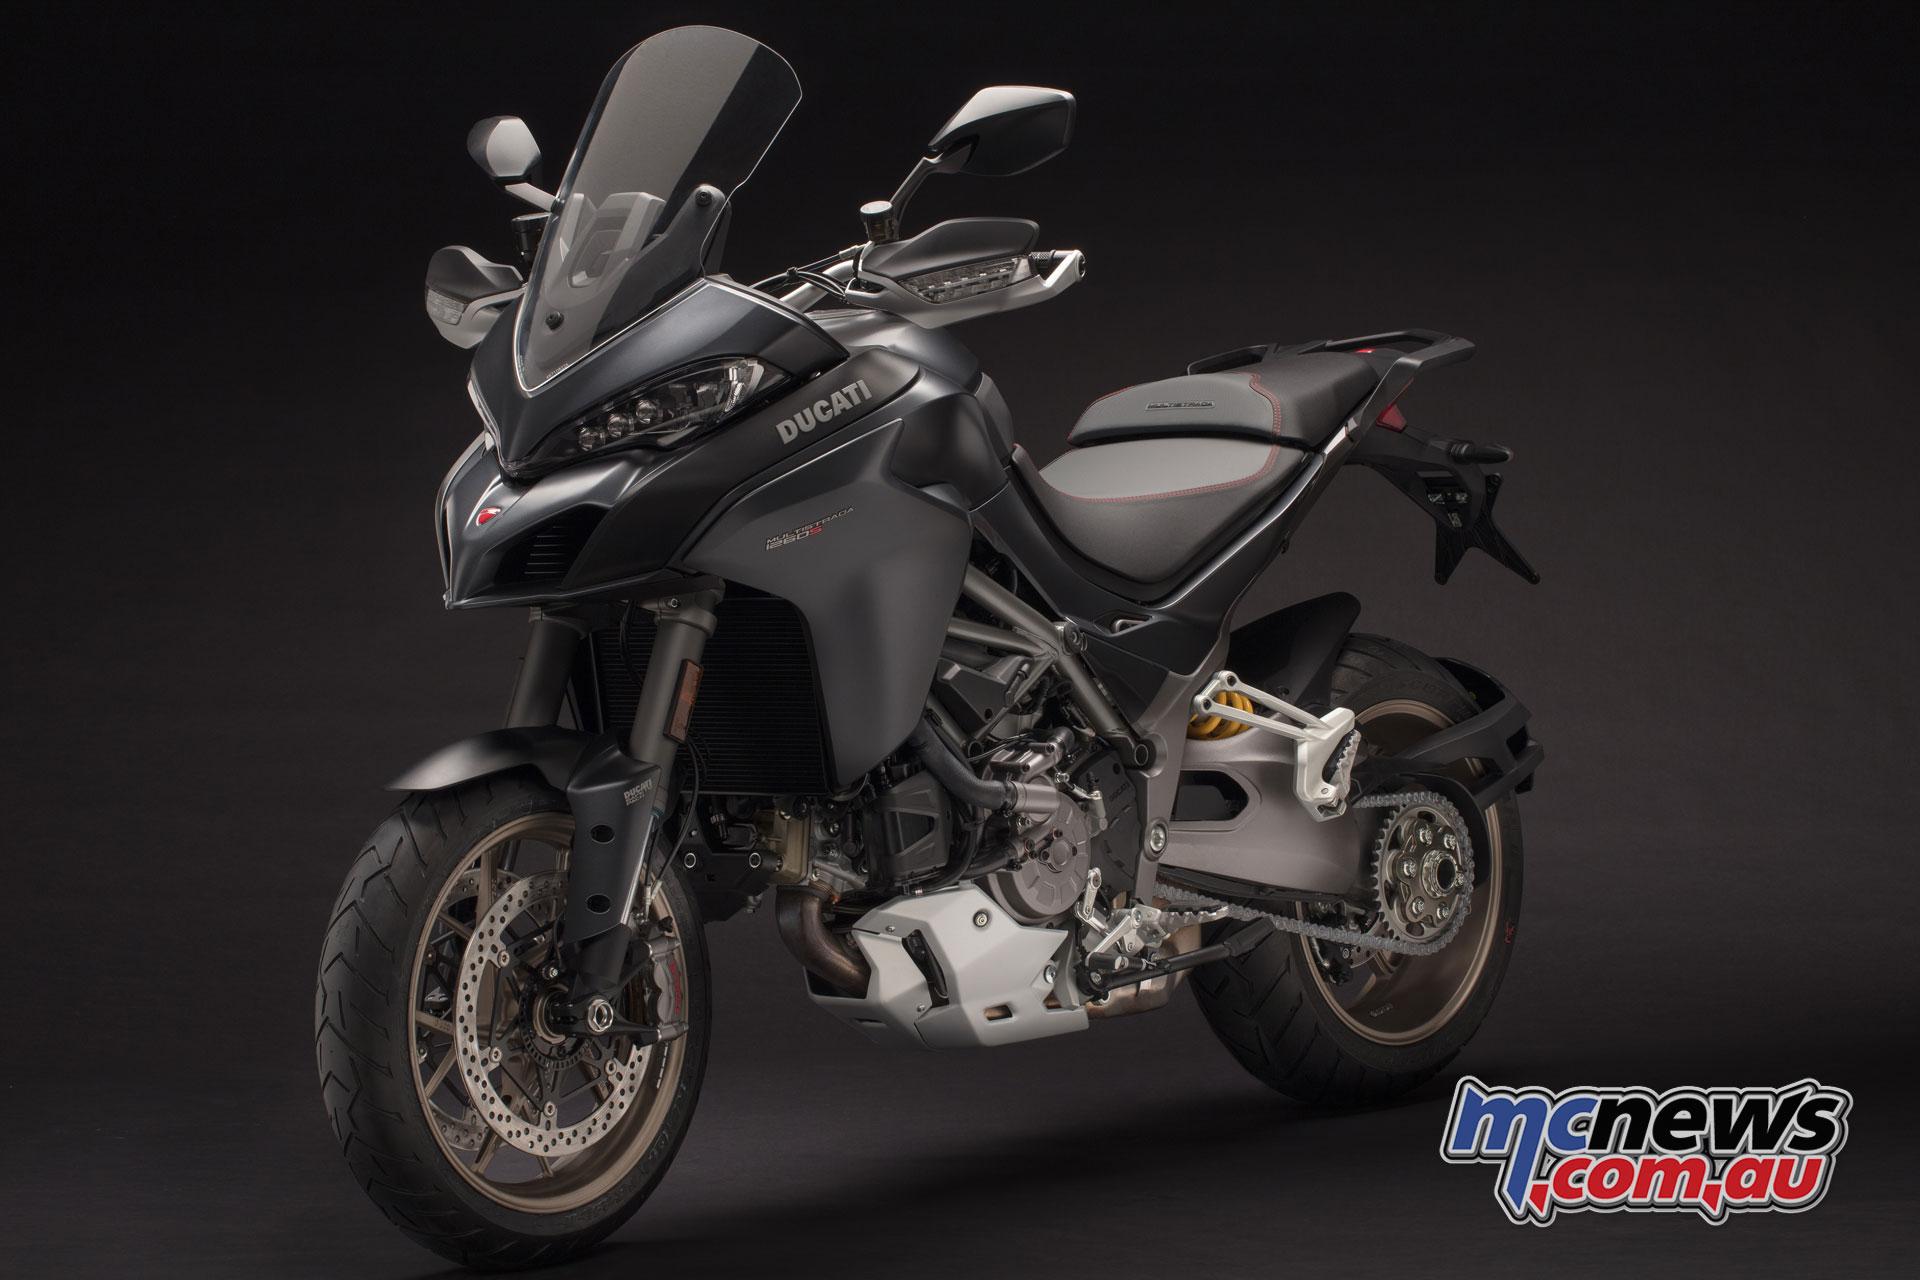 2018 Ducati Multistrada 1260 1260 S 1260 S D Air